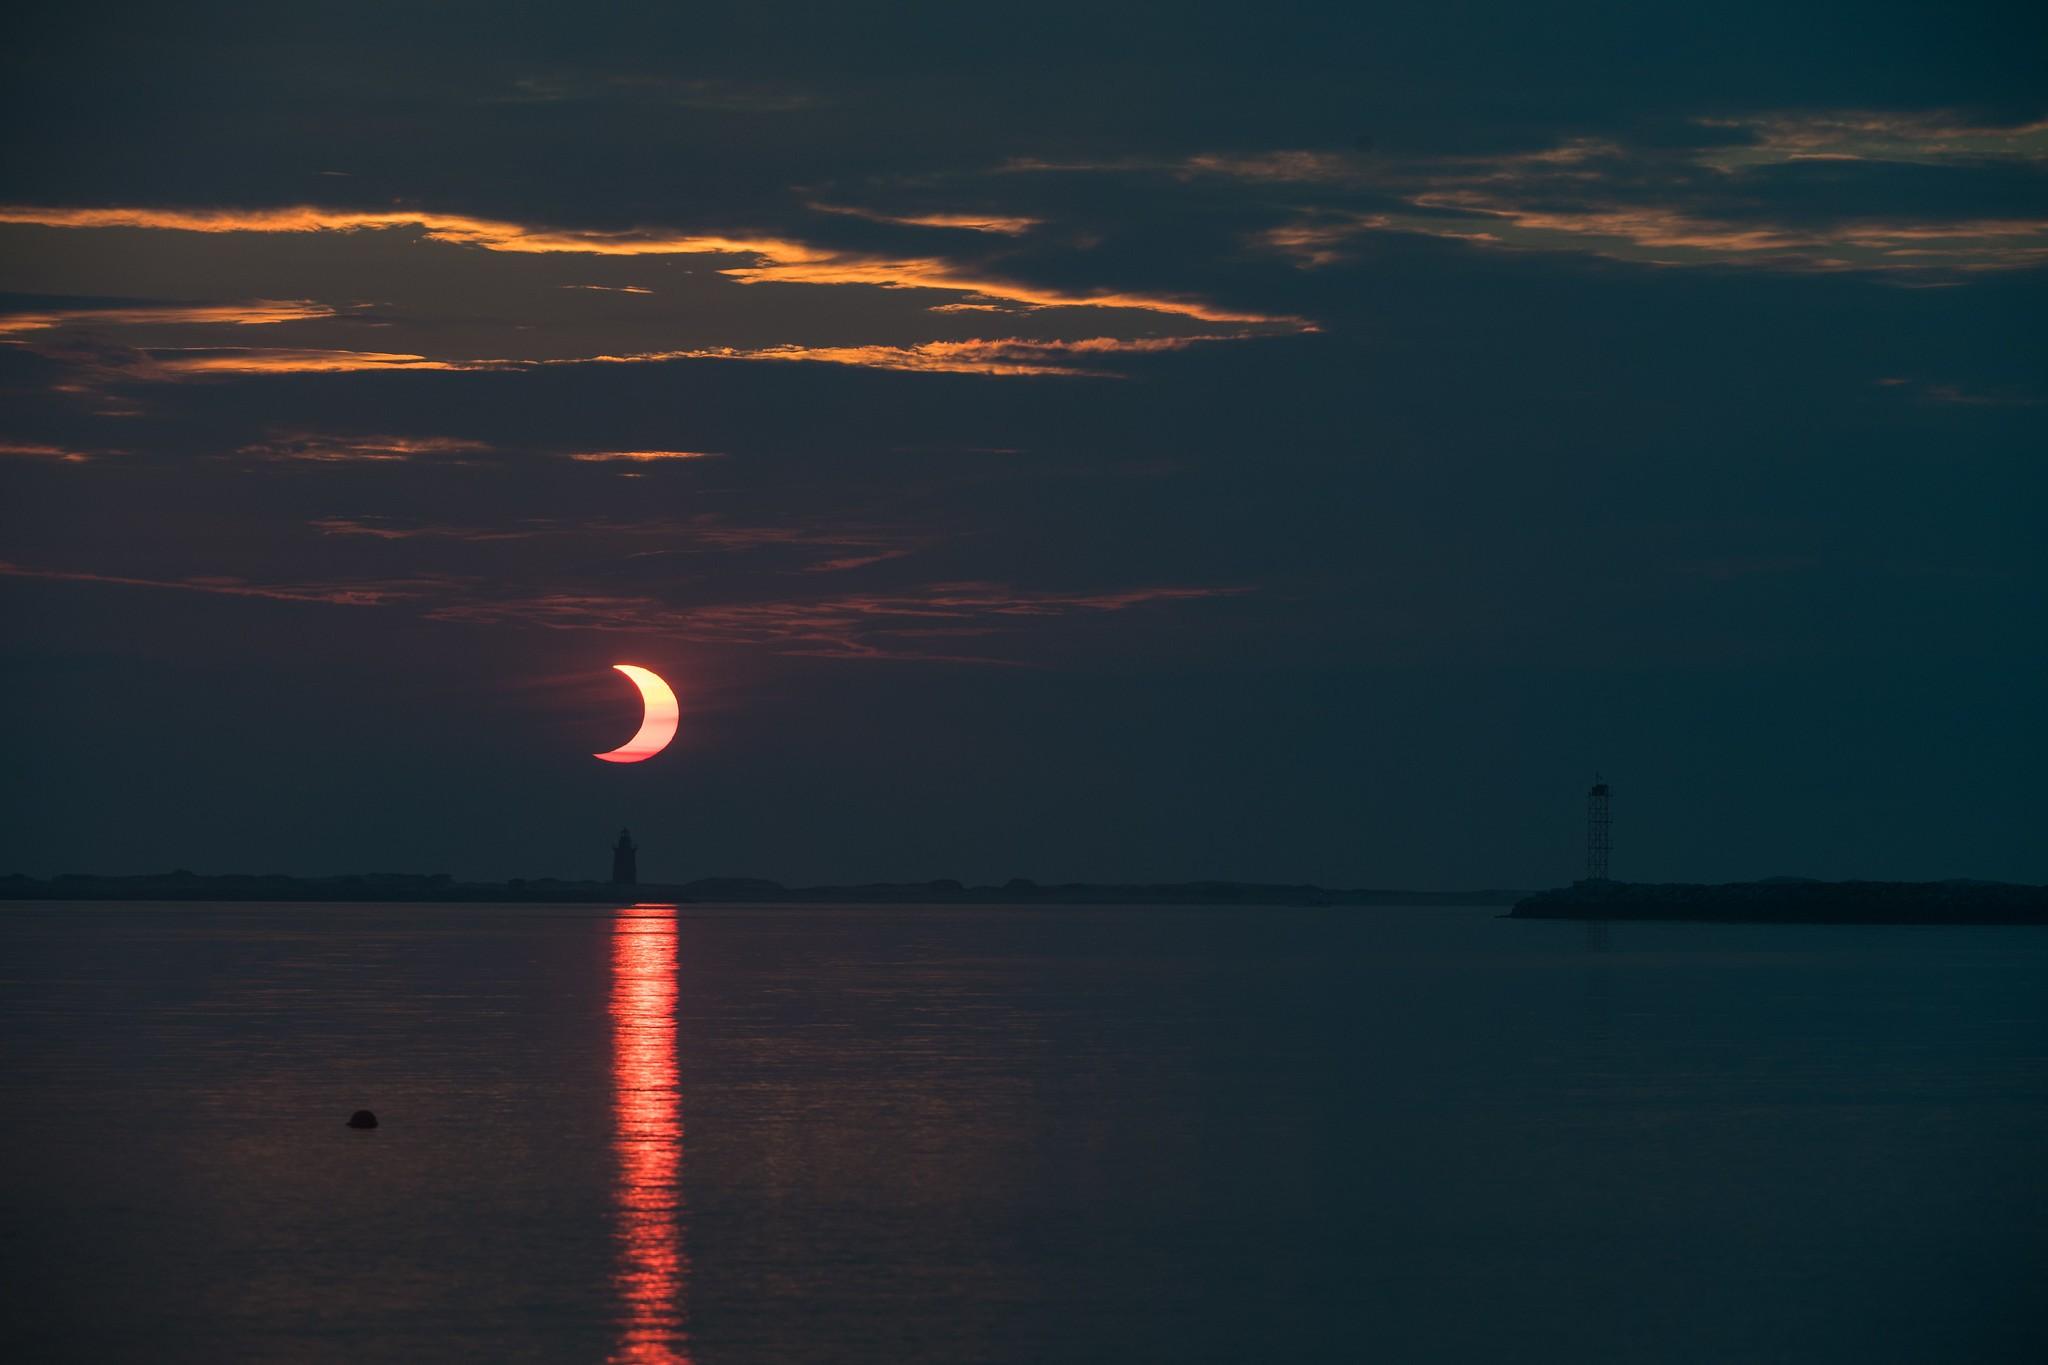 Eclipse solar anular do dia 10 de junho de 2021 visto da praia Lewes, em Delaware (Foto: NASA/Aubrey Gemignani)